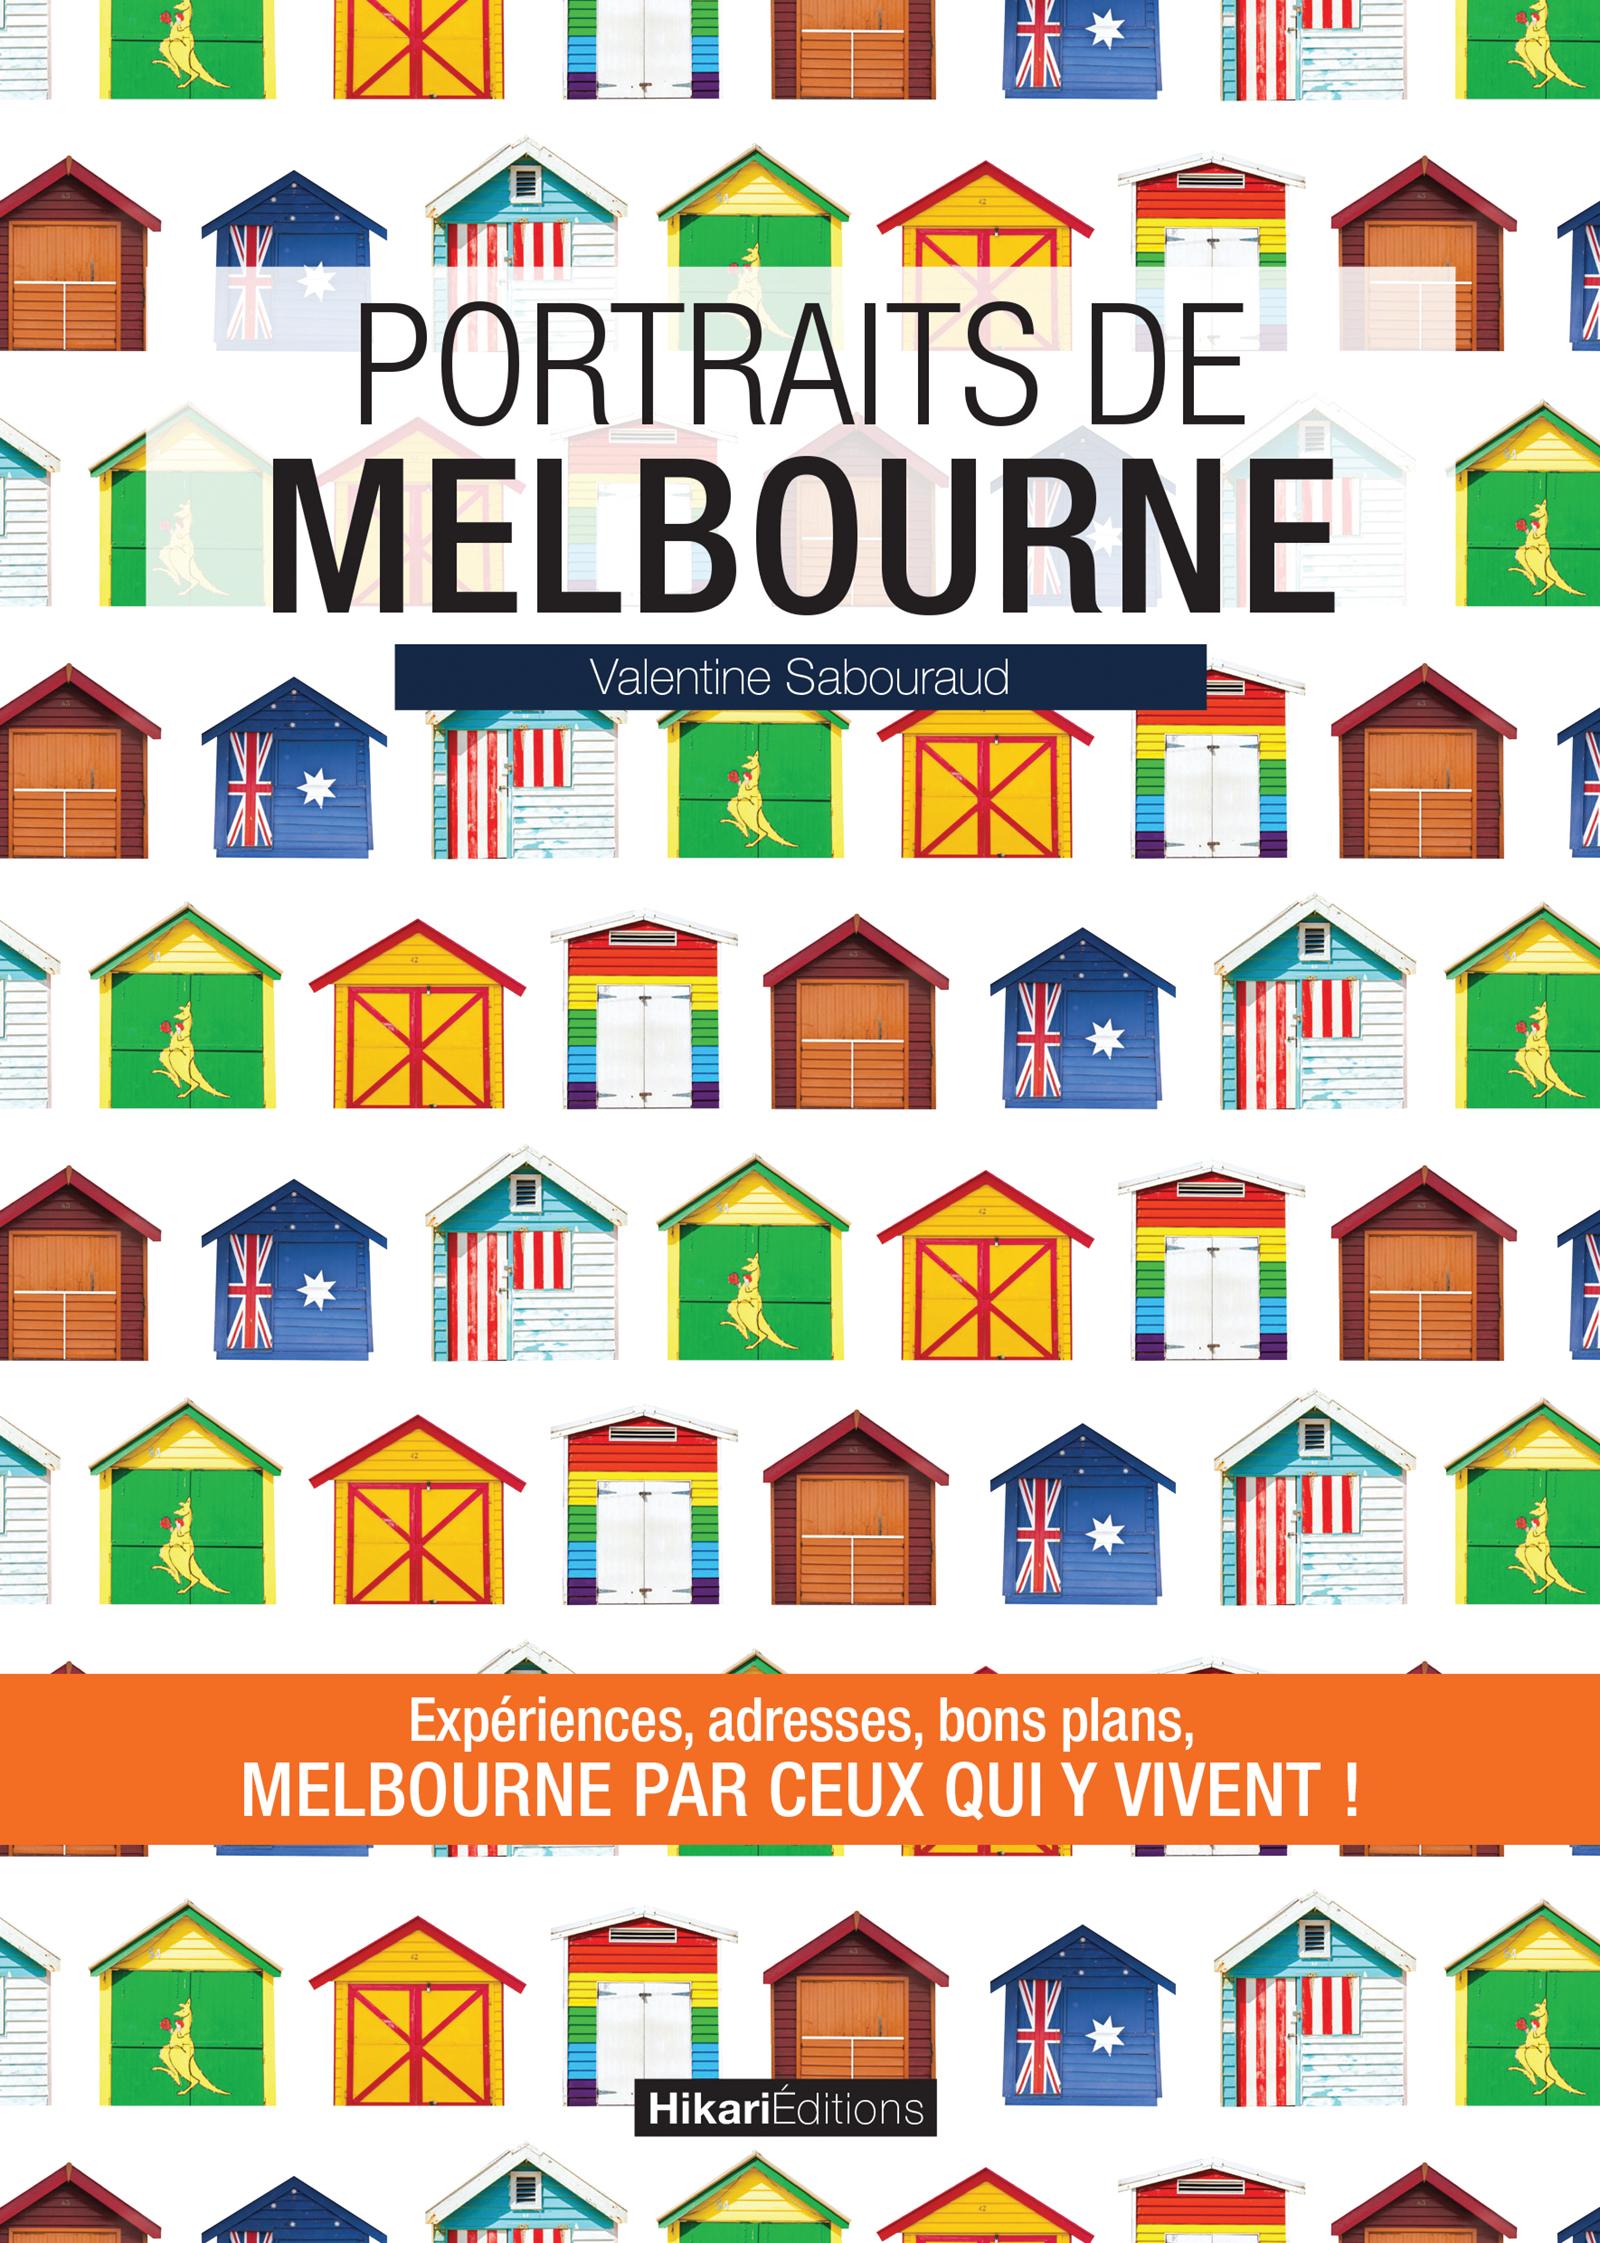 Portraits de Melbourne